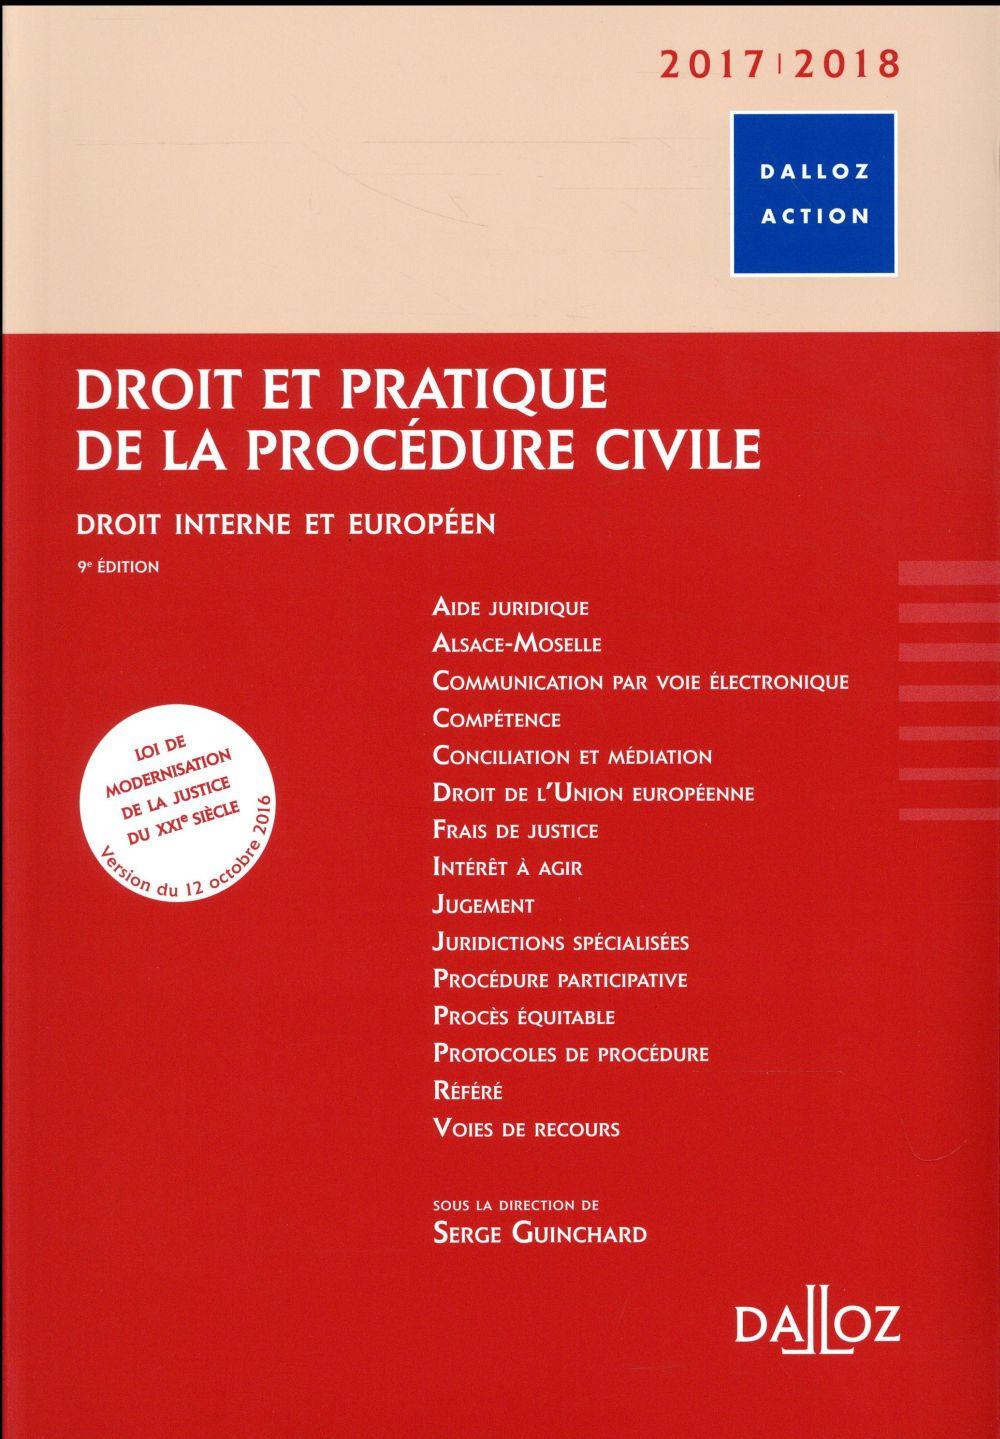 Droit et pratique de la procédure civile; droits interne et de l'union européenne (9e édition) (édition 2017/2018)